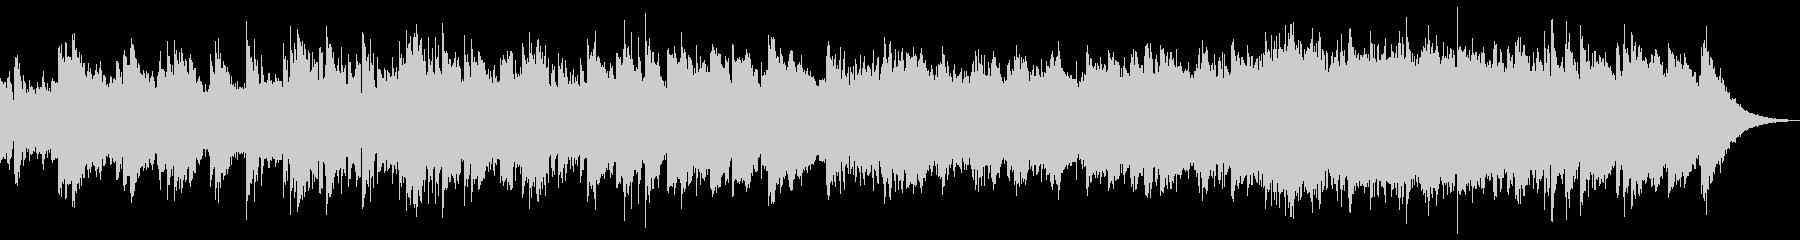 映像BGM(アコギ、ストリングス)の未再生の波形